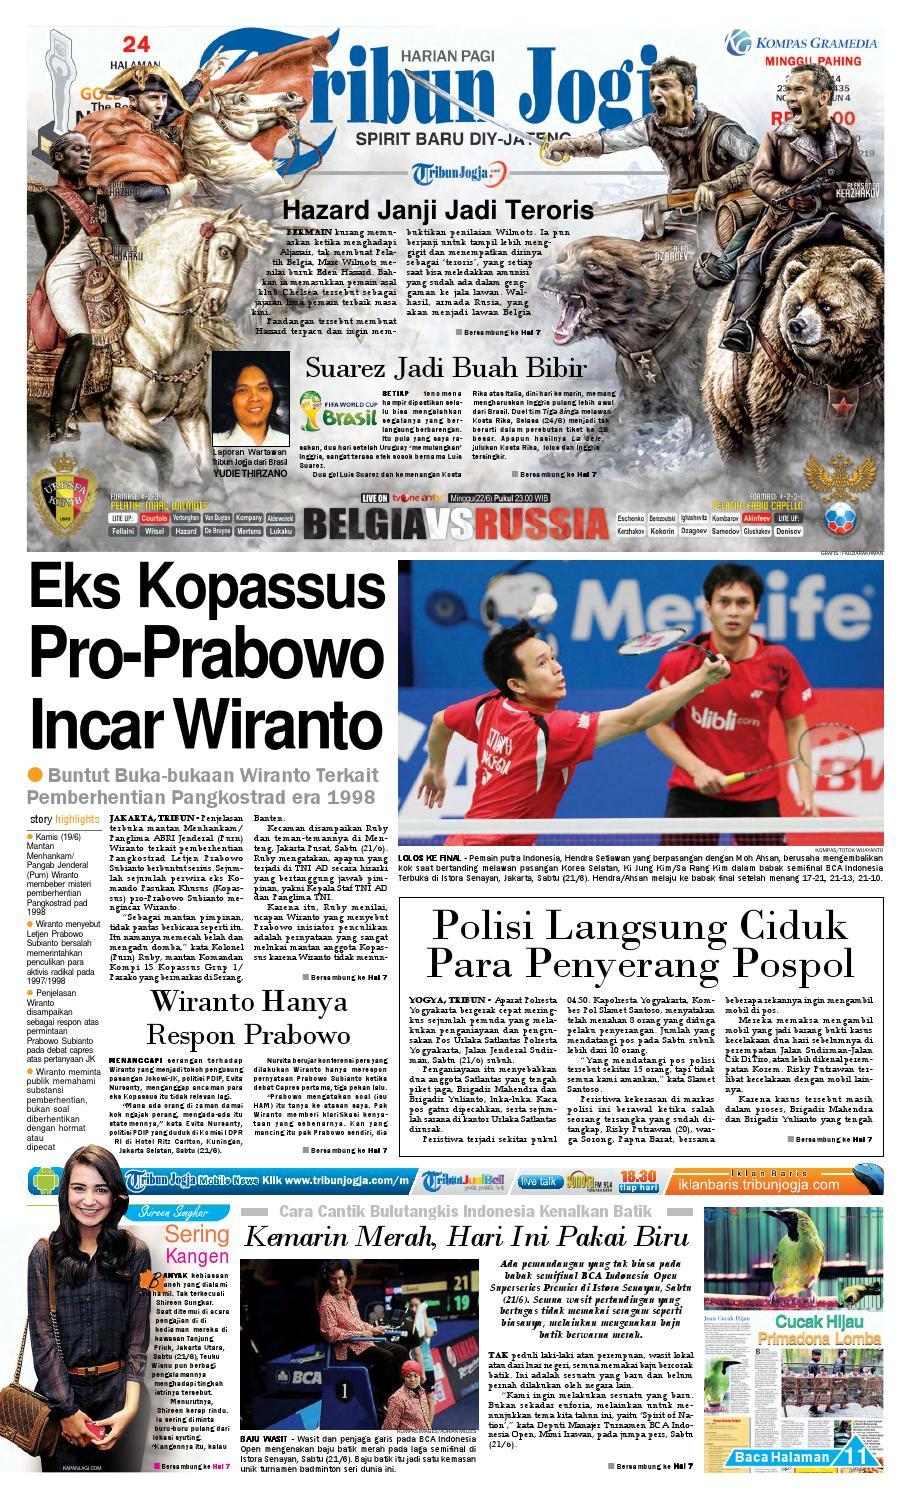 Tribunjogja 22 06 2014 By Tribun Jogja Issuu Strong Kangen Water Ph 115 Ukuran 1000 Ml Terapi Air Kelas Dunia Indonesia